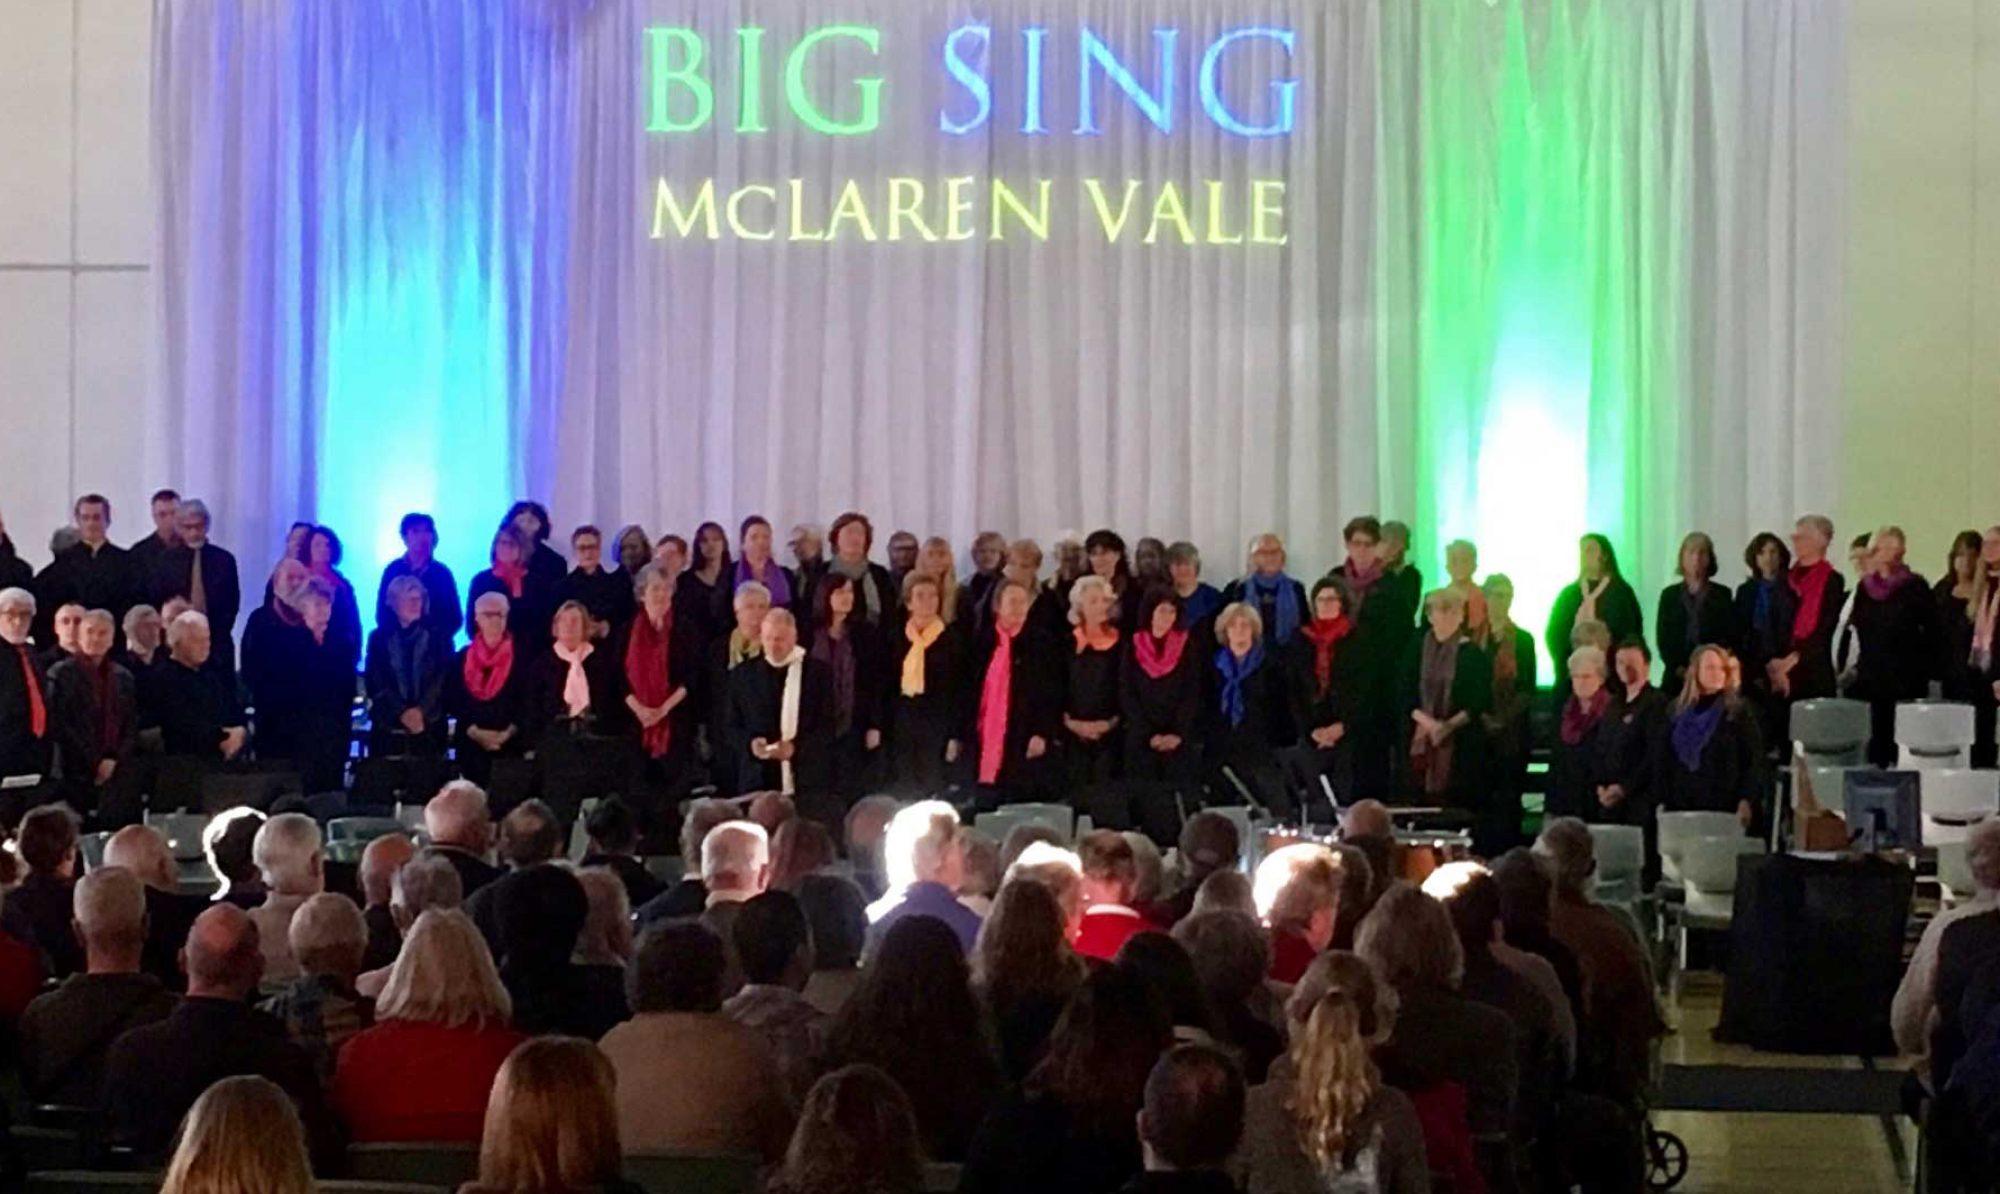 Big Sing McLaren Vale